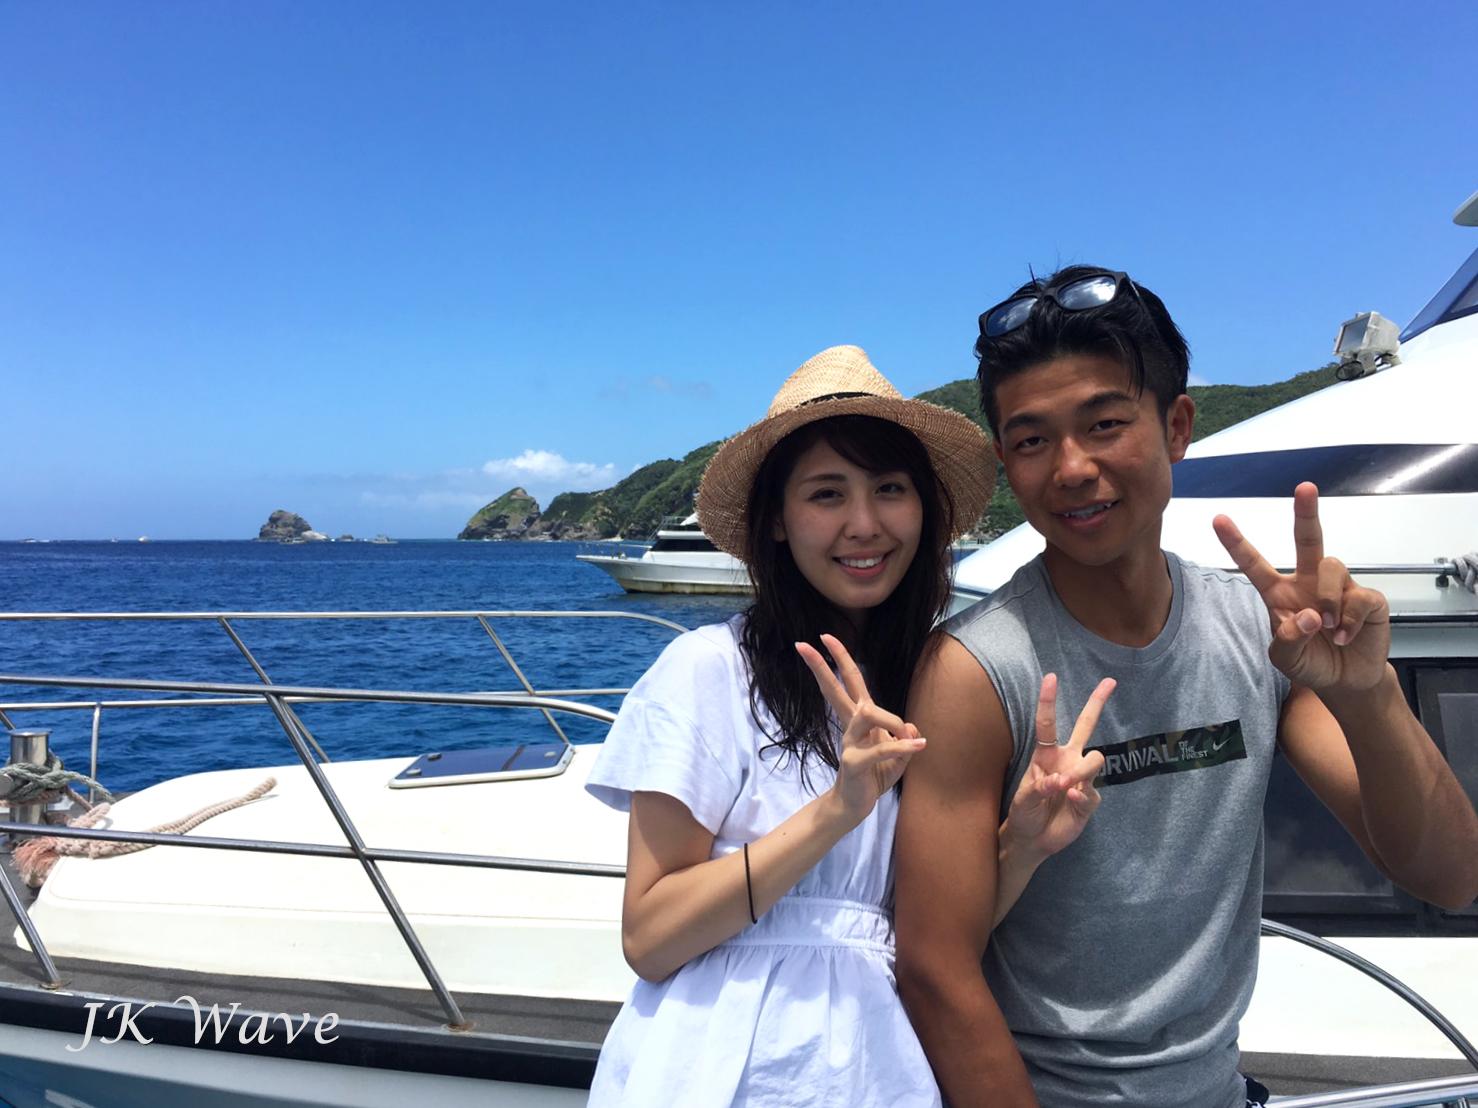 ジェイケ-ウェーブJK-Wave沖縄ドローン空撮付き体験ダイビング_お客様の声001